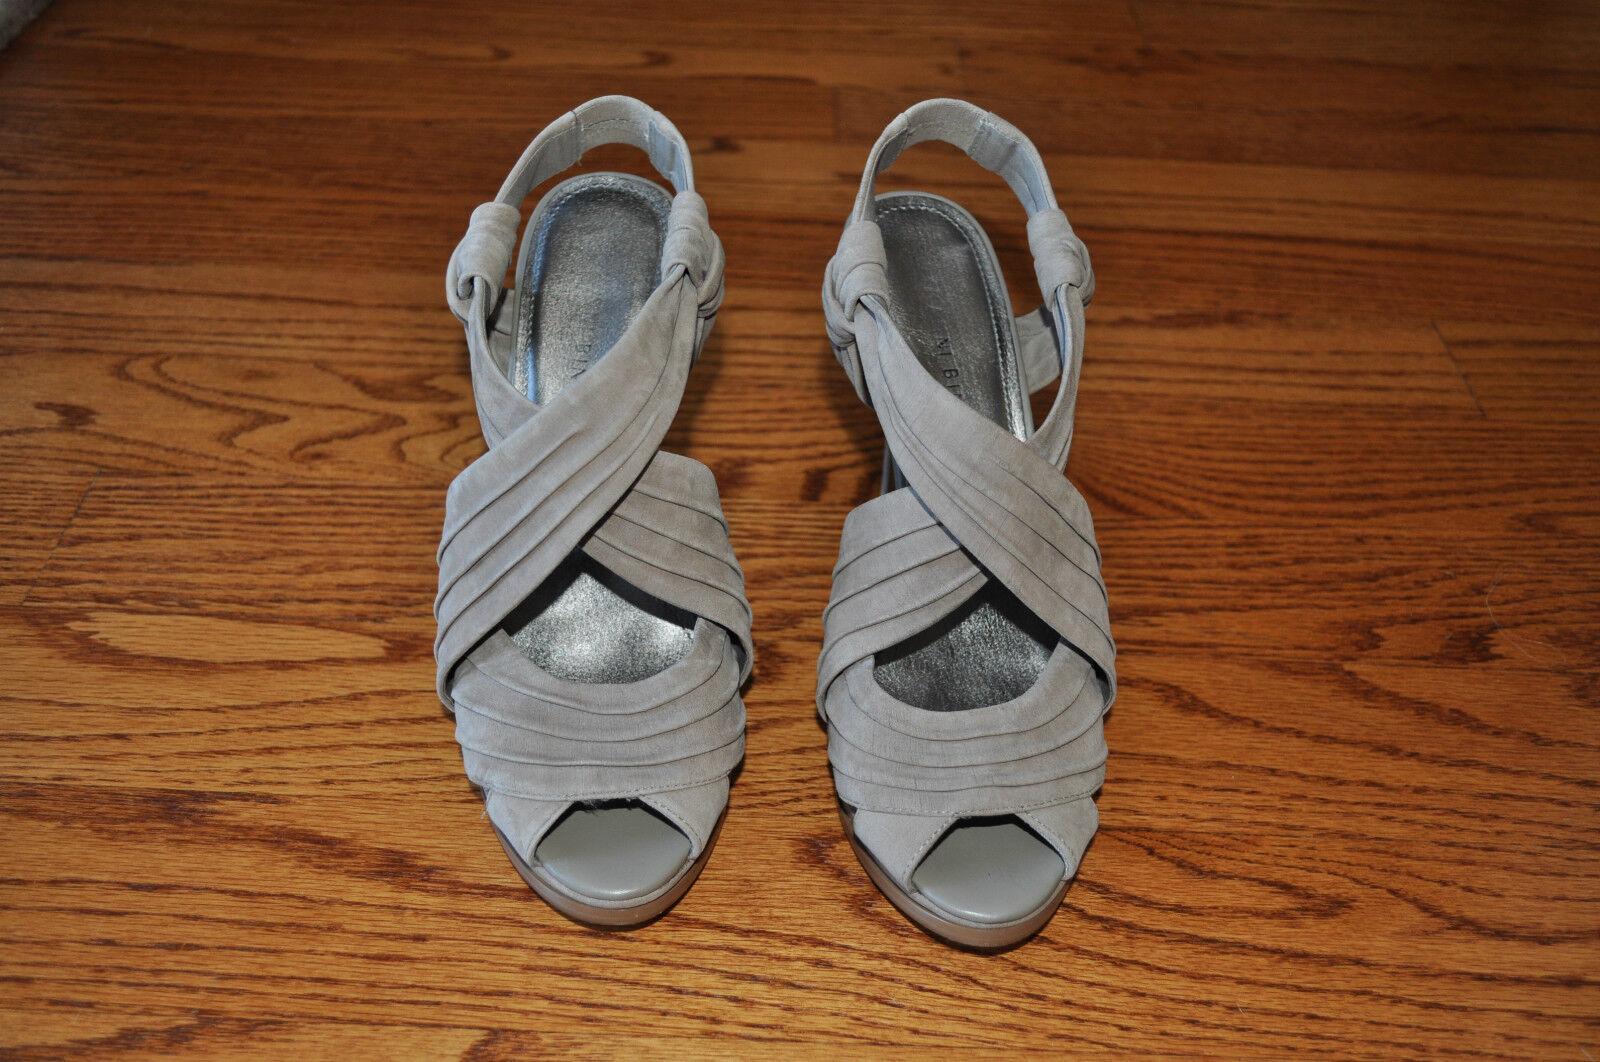 Womens GIANNI BINI Beige Suede Open Toe Heels shoes Size 8.5 M